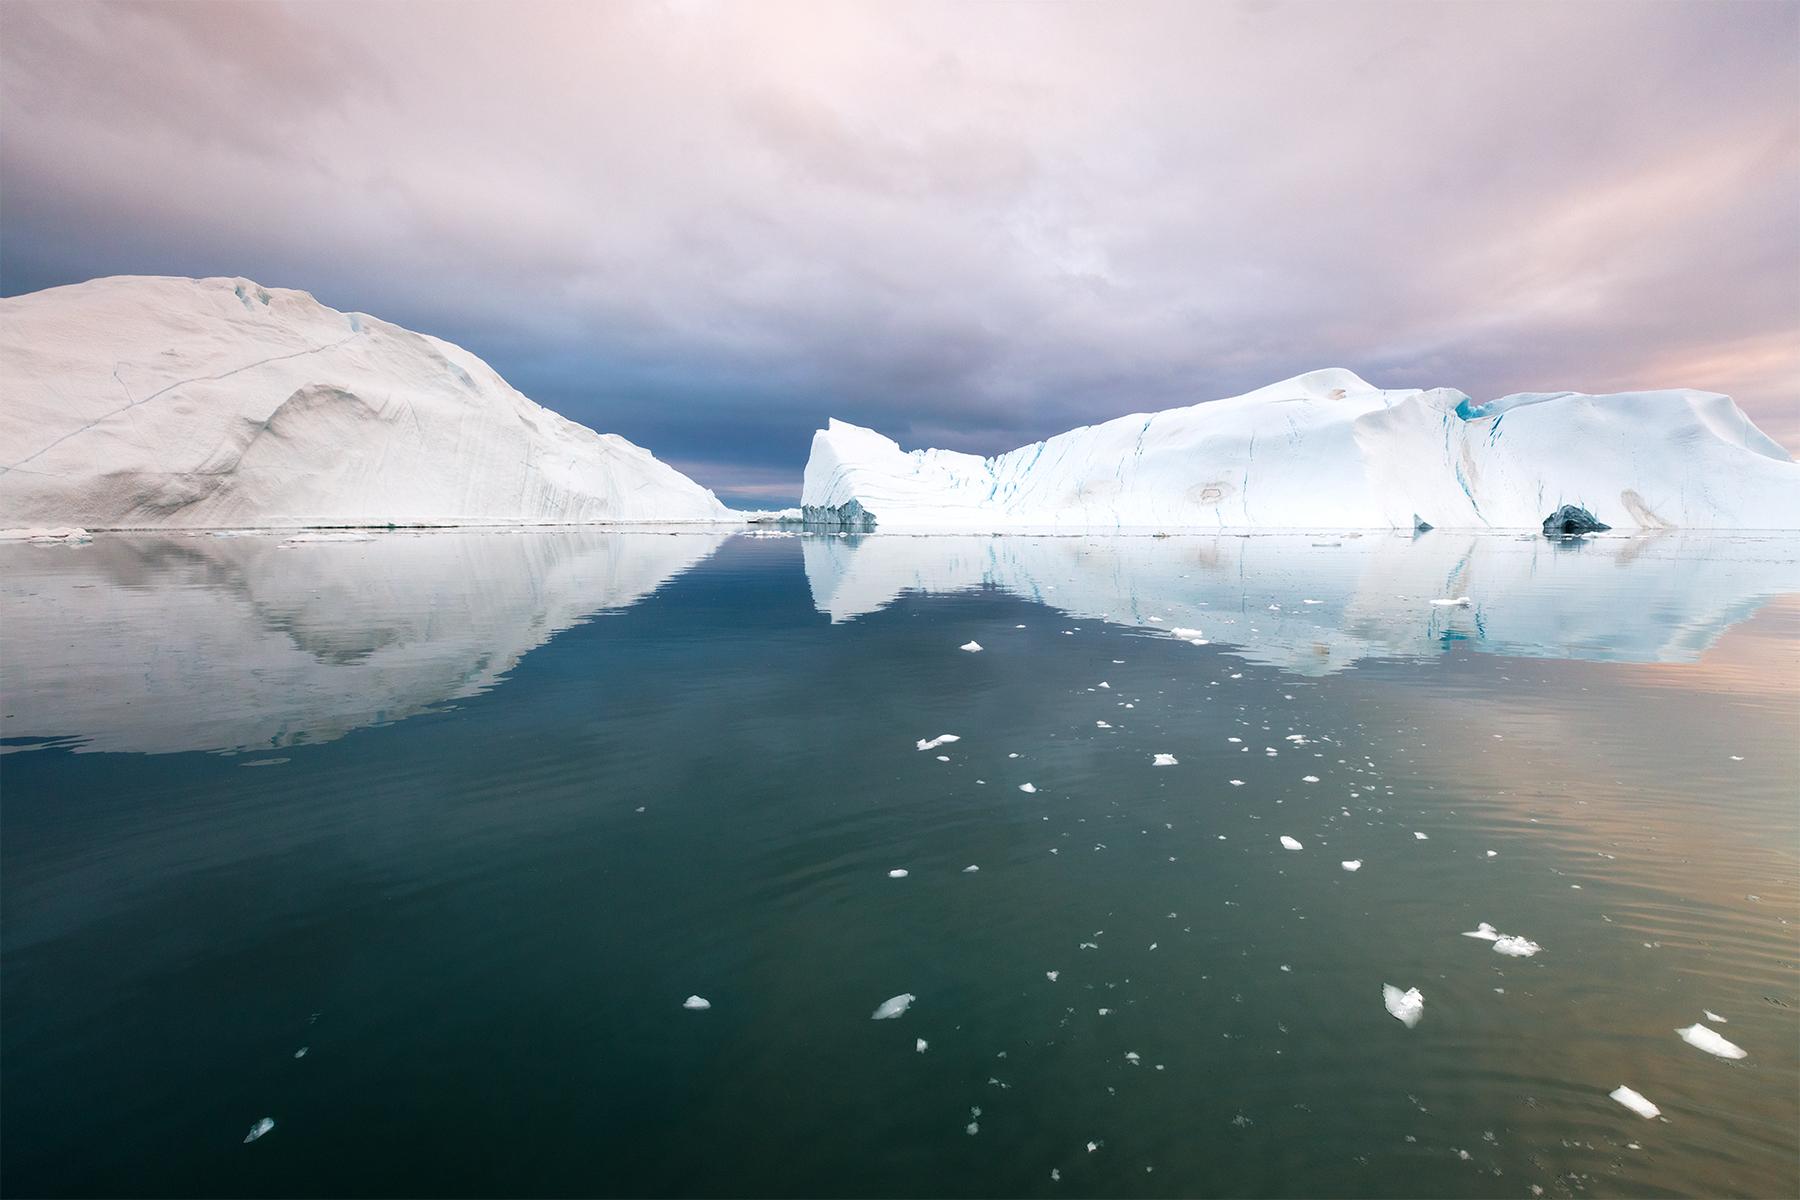 Erika_Valkovicova_Frozen_ArcticCandy_2.jpg